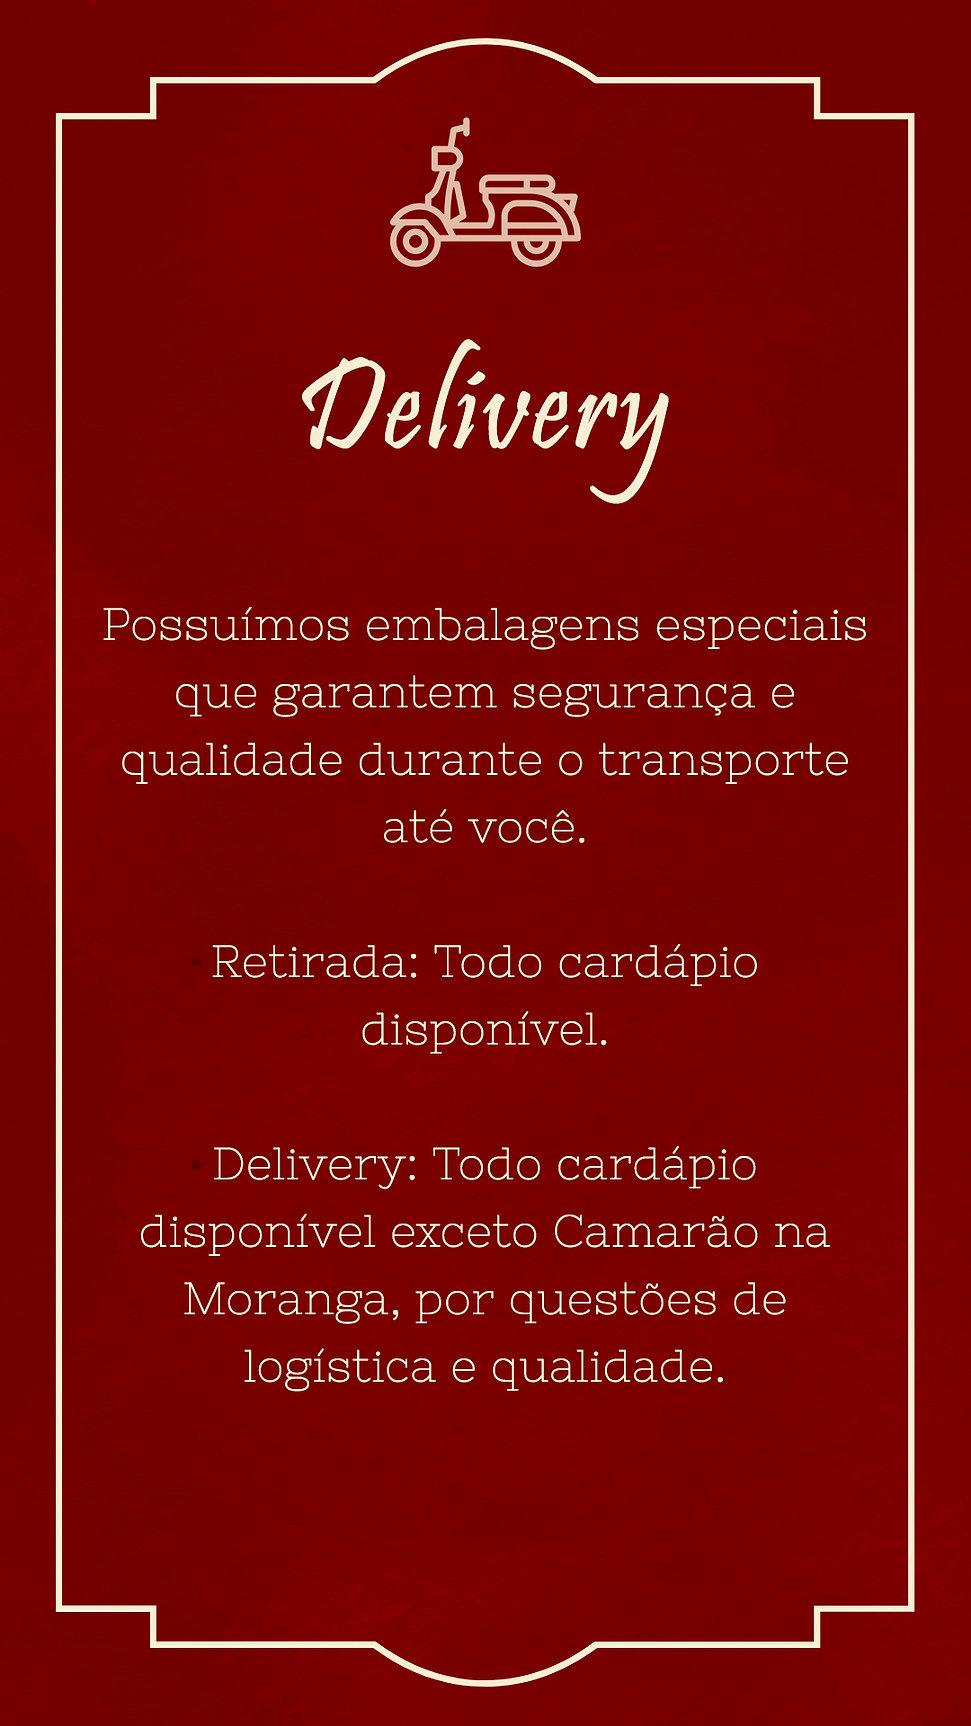 Destaque delivery 3.jpg